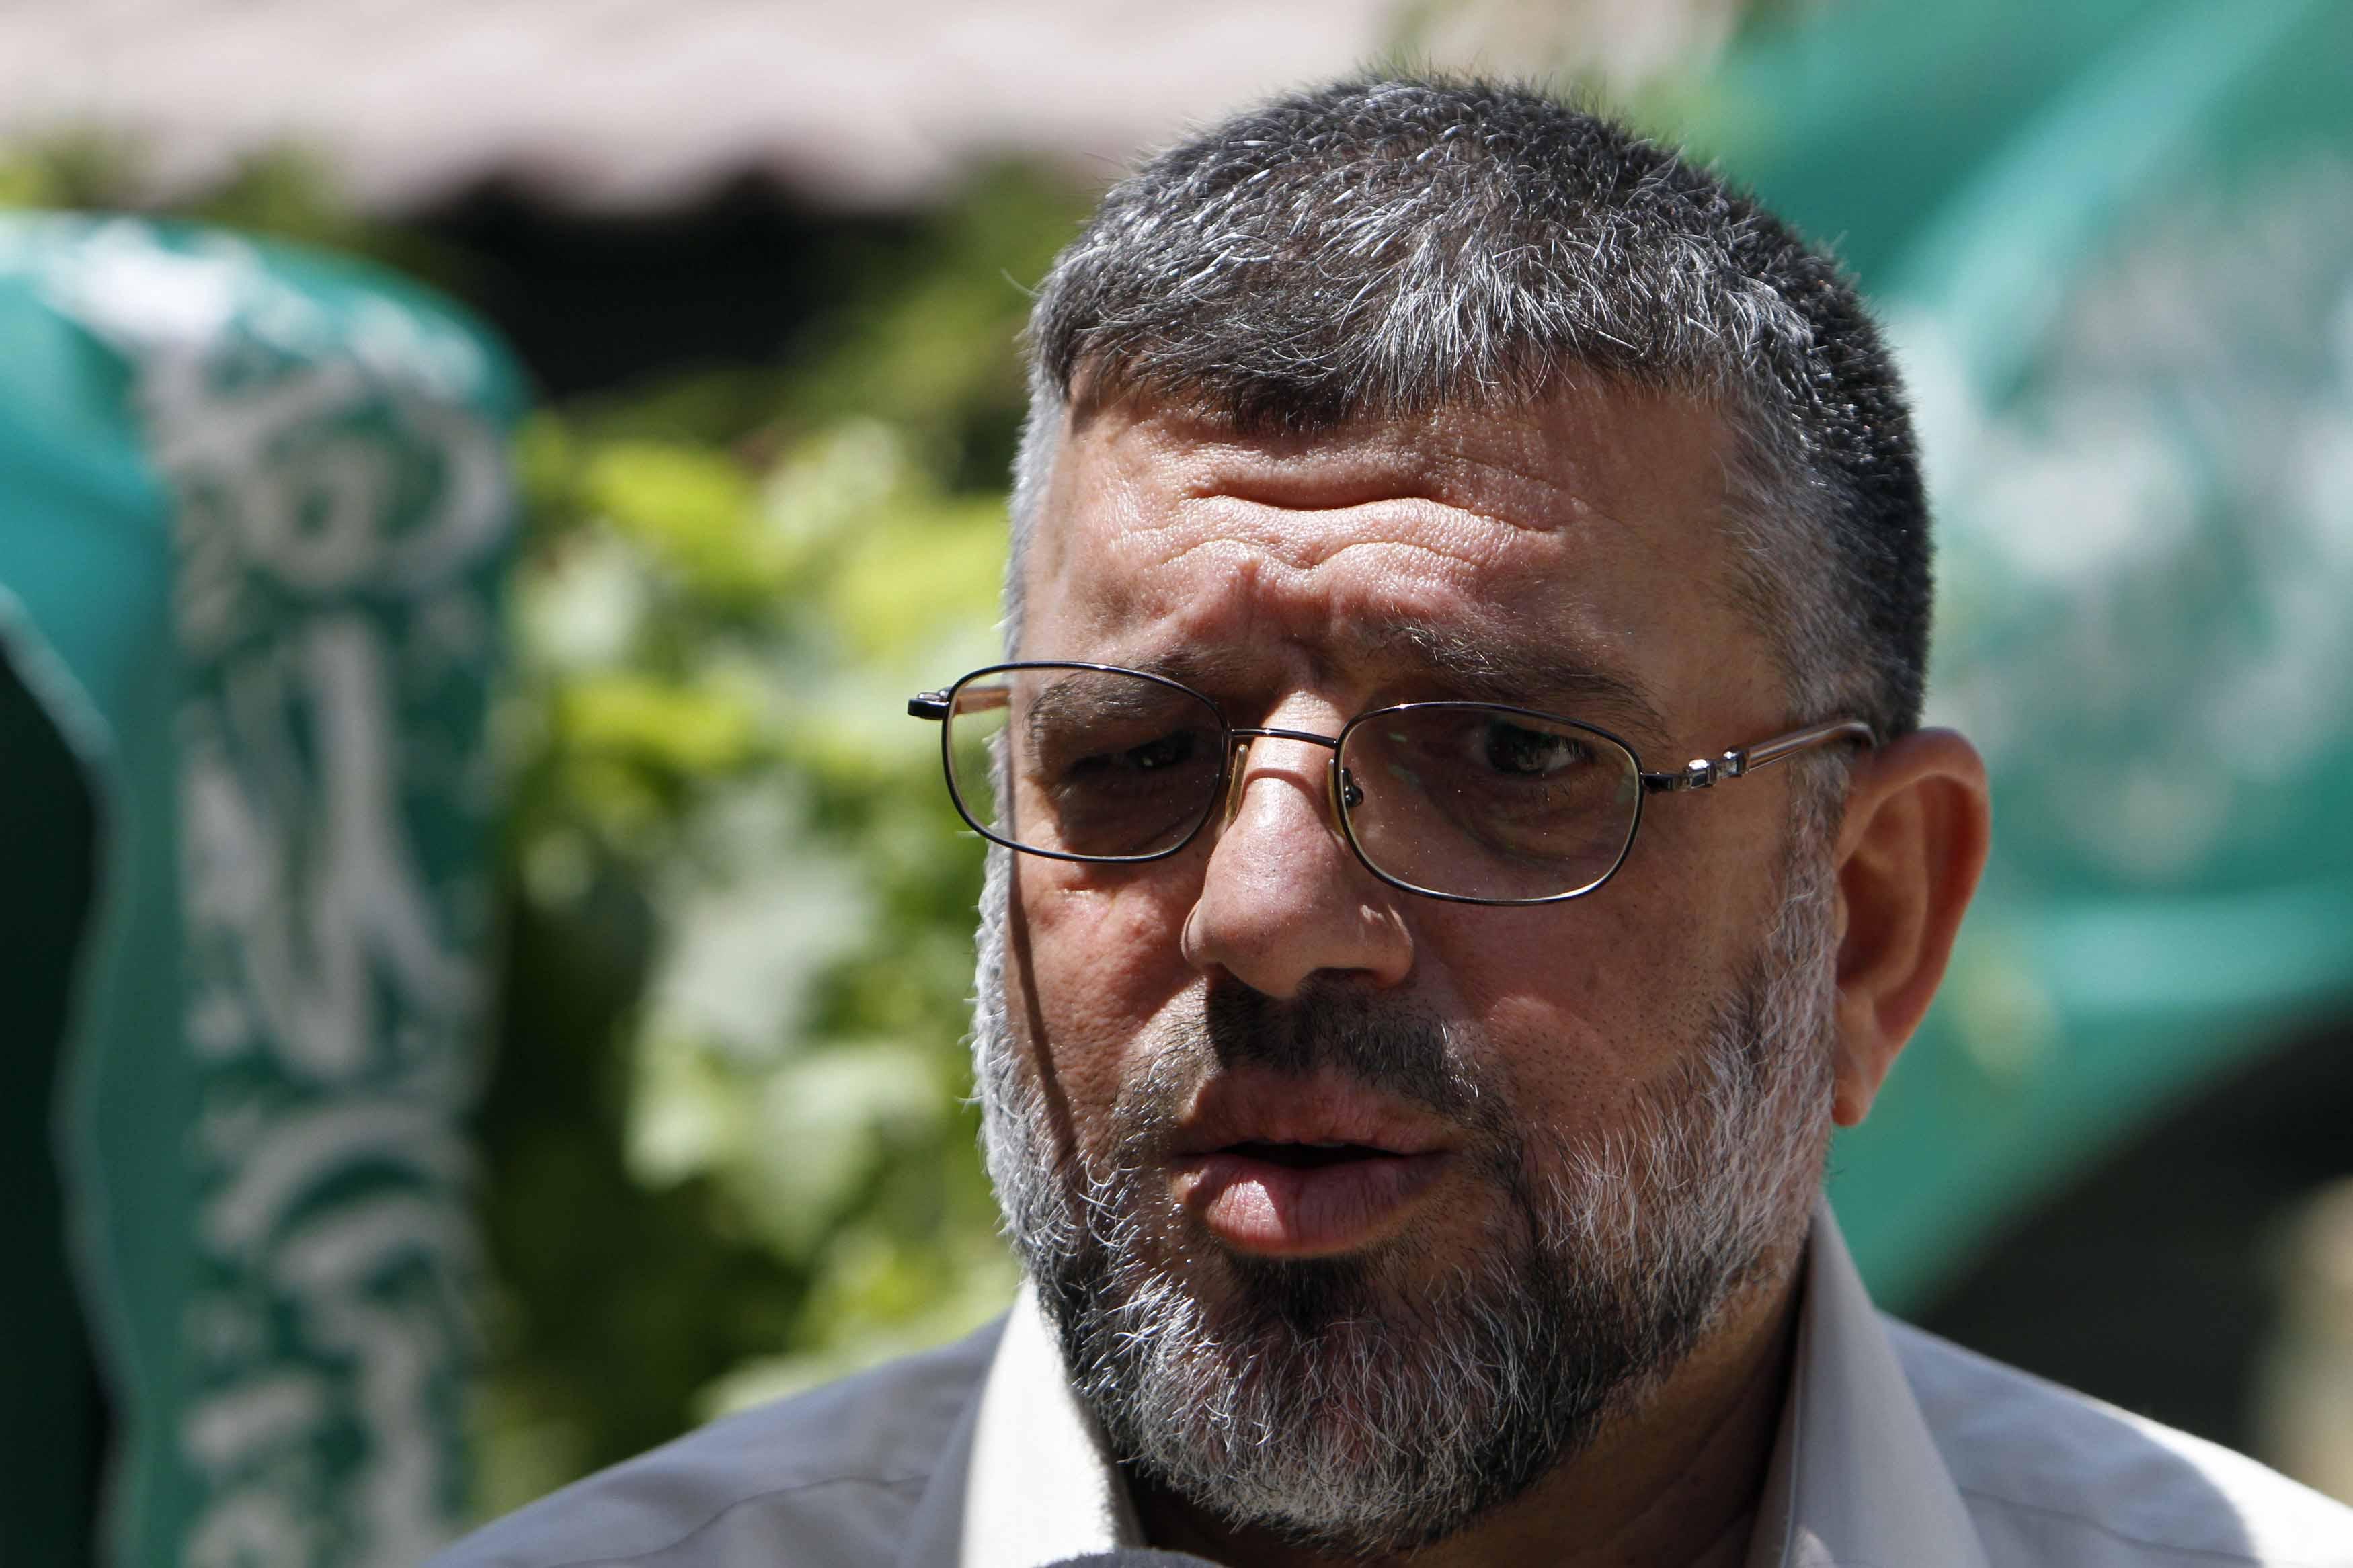 Sheij Hassan Yousef, un alto cargo de Movimiento extremista palestino (HAMAS), es detenido por fuerzas israelíes